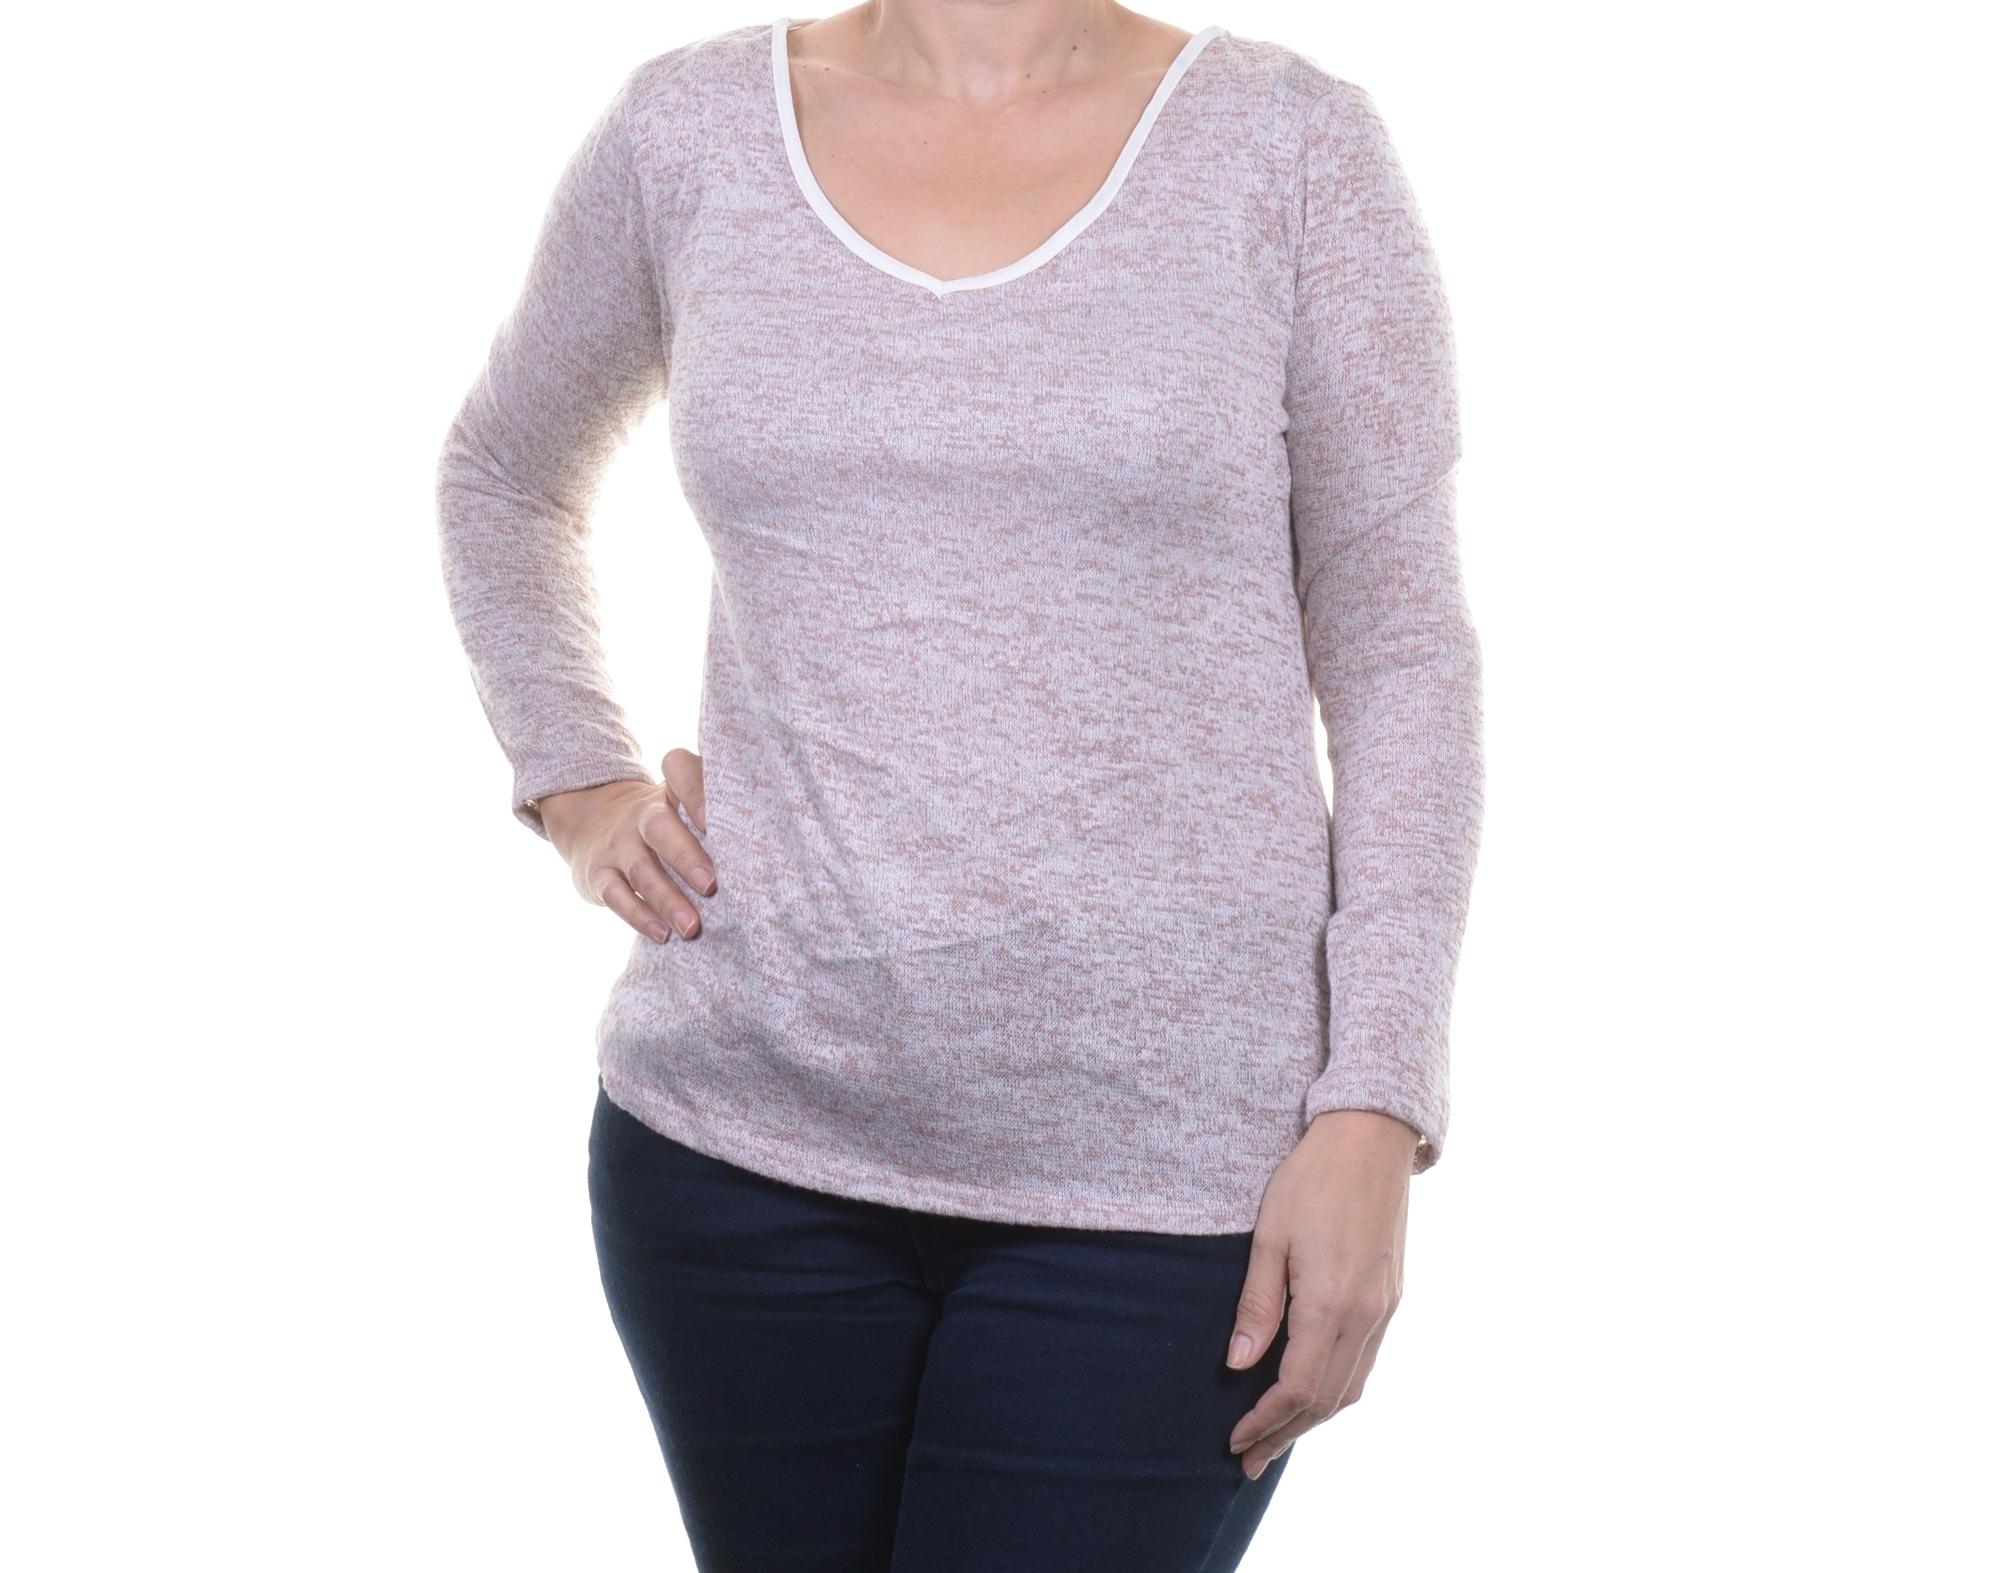 a5cc60be65919a BAR III WOMEN'S V-Neck Long Sleeve Top Size L - $12.96 | PicClick